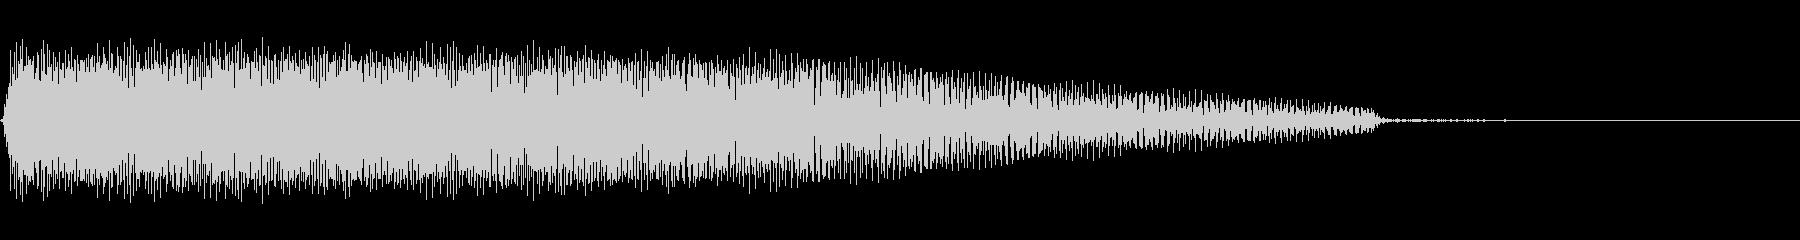 AnimeFX ロボットの動作音 単発の未再生の波形